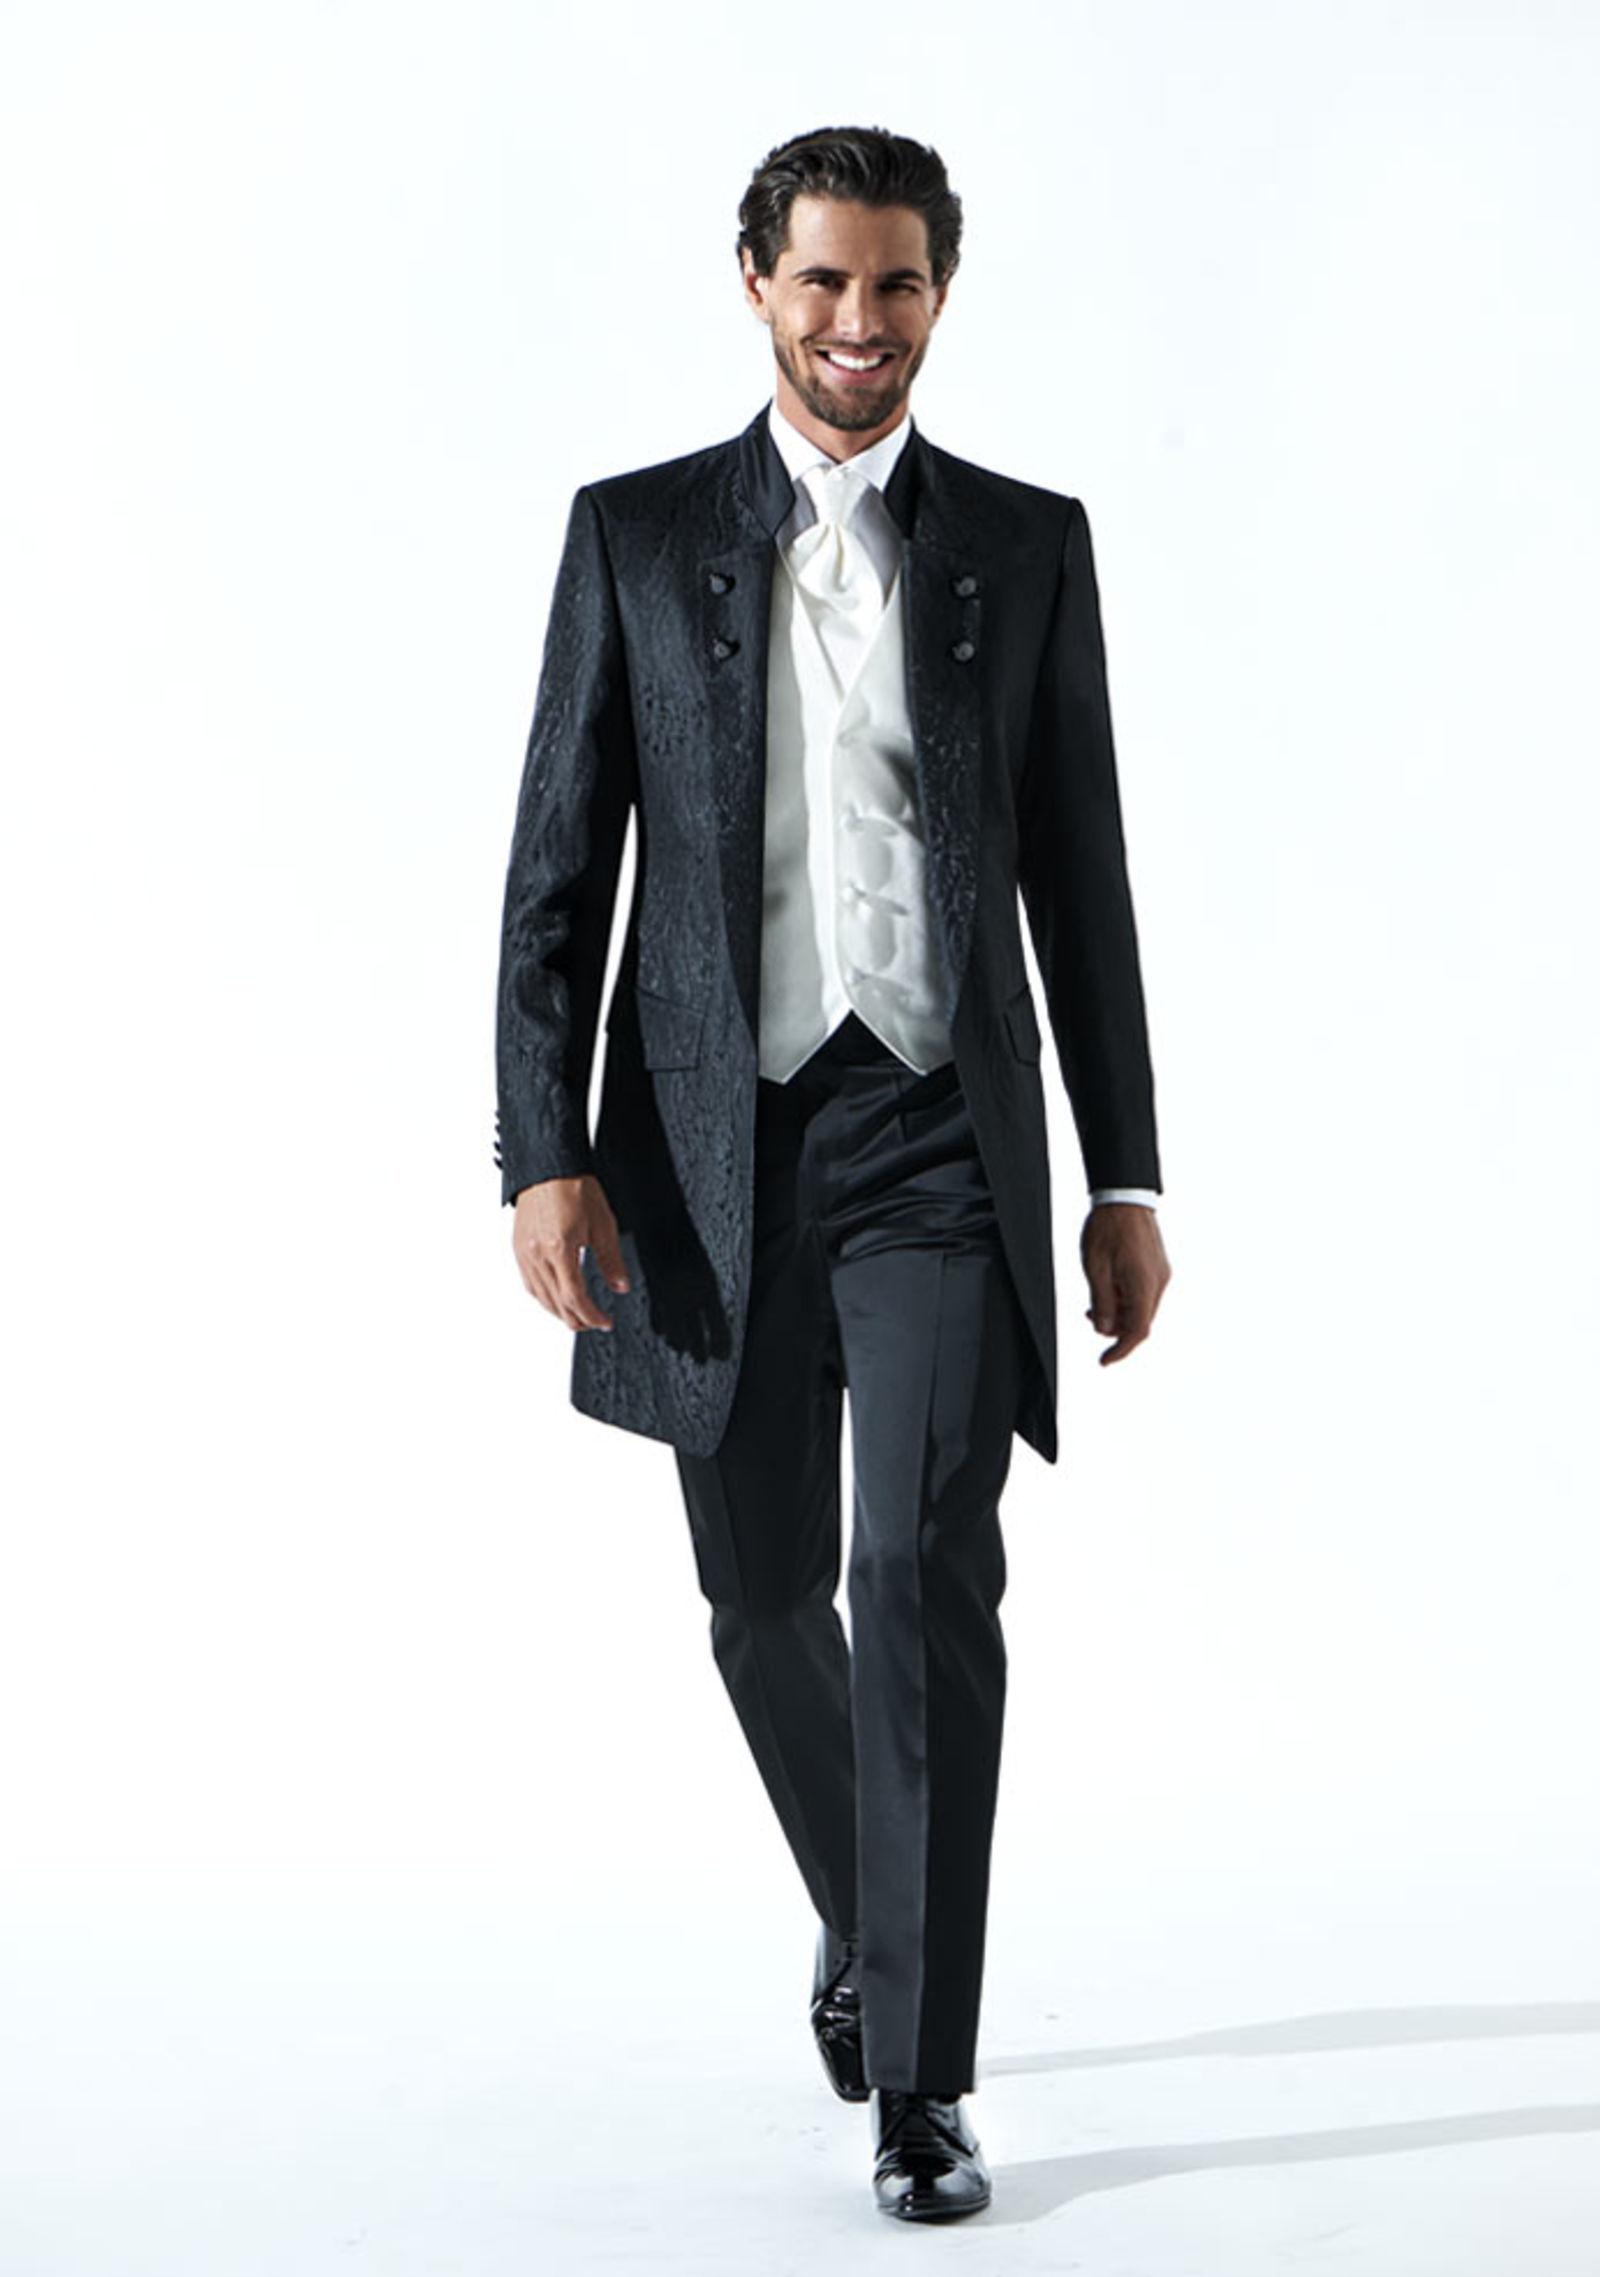 GRANDITS men's fashion in Wien (Bild 7)